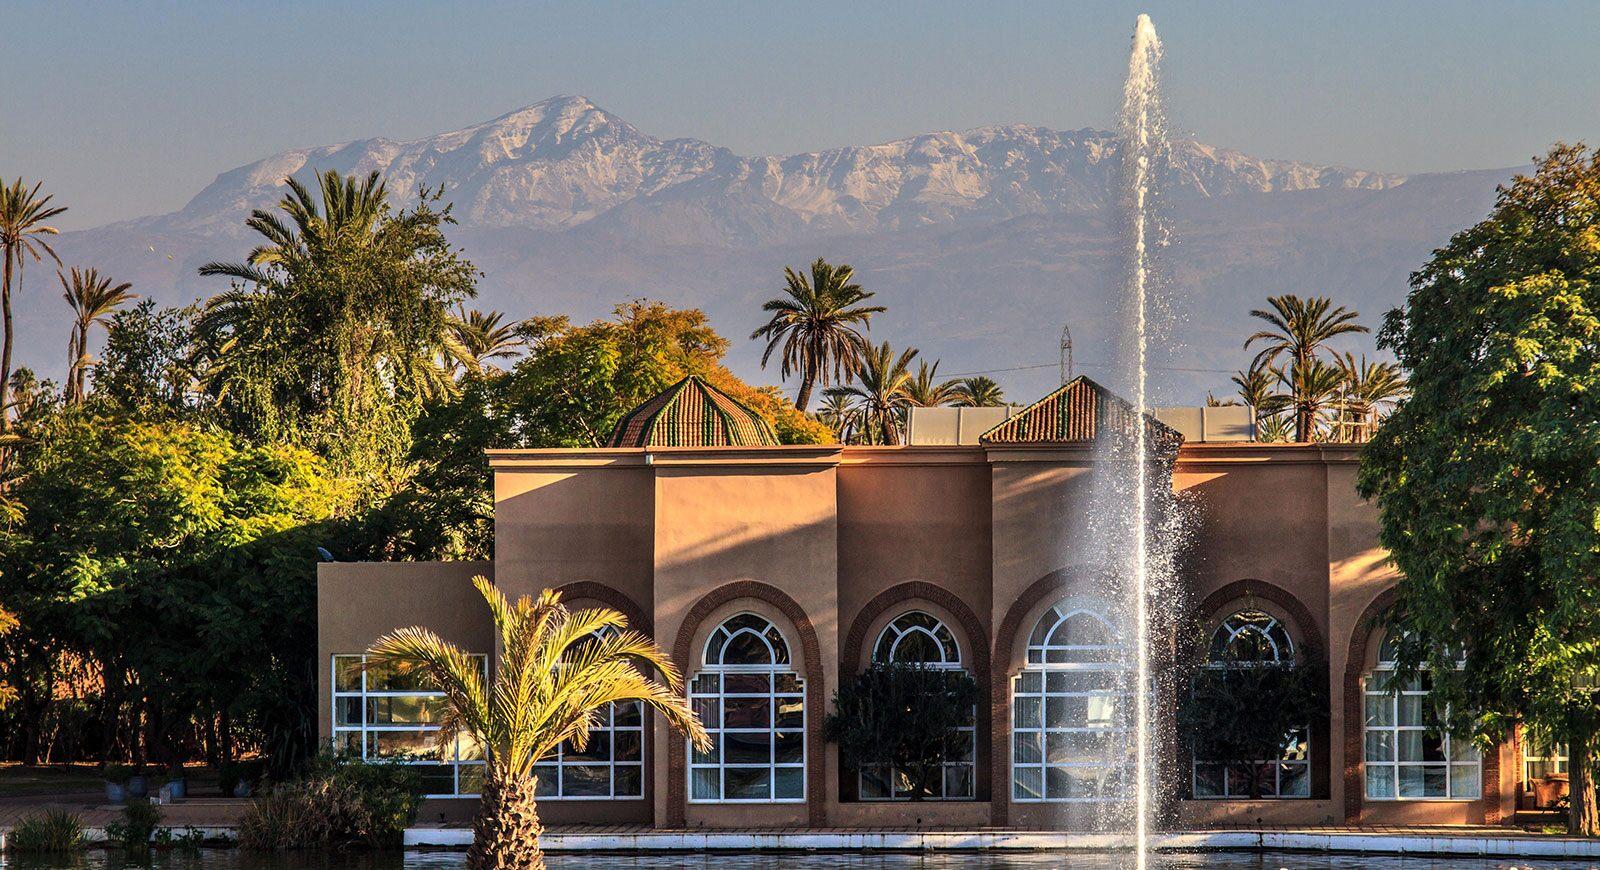 Luxus im Orient: Übernachten im Barceló Palmeraie in Marrakesch 6